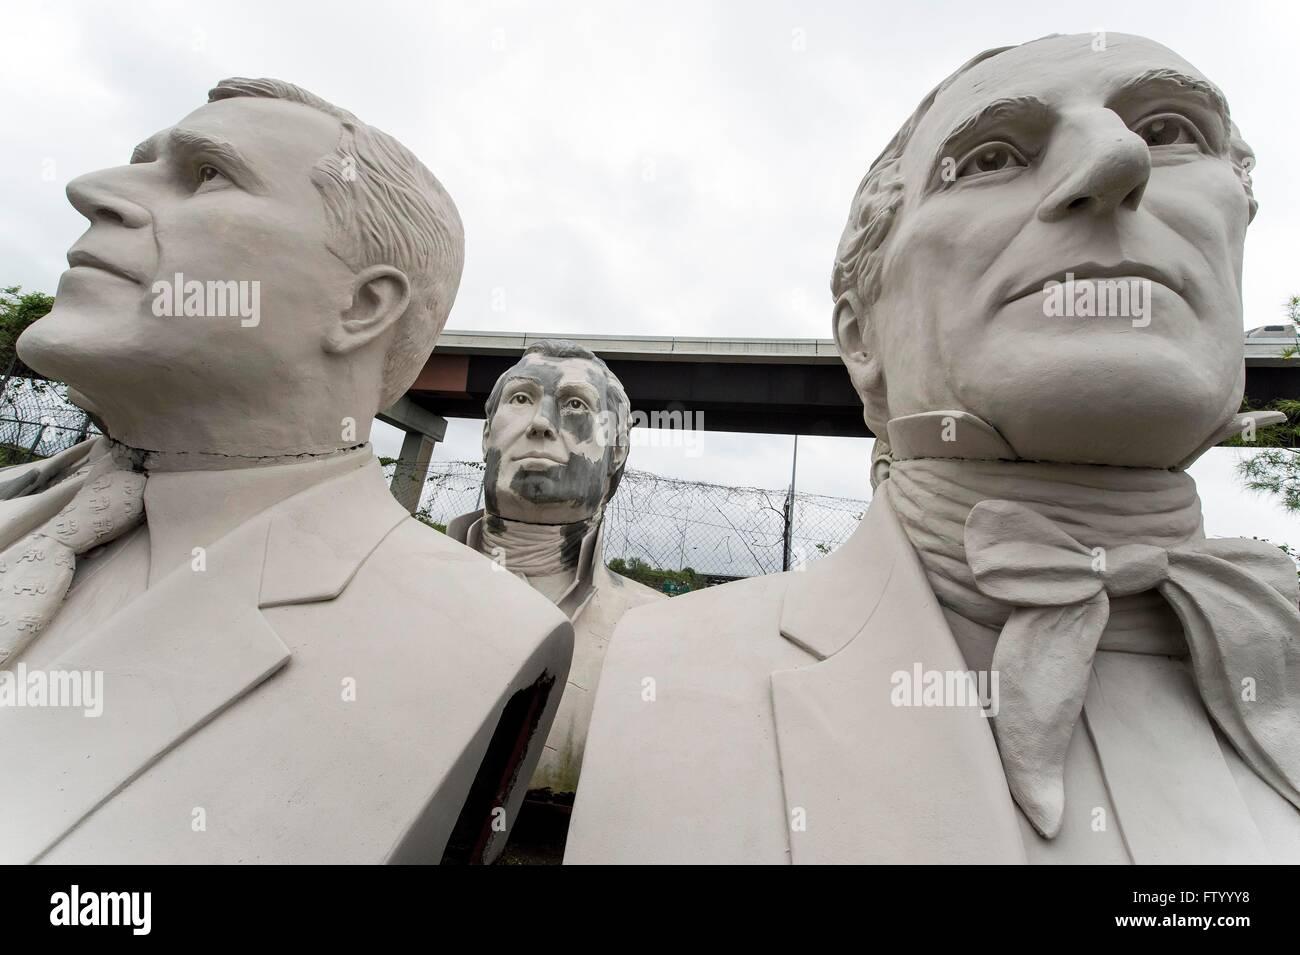 30 mars 2016 - Houston, Texas, États-Unis - chefs présidentielle par le sculpteur David Adickes sont stockés à l'Sculpturworx Adickes Studio jusqu'à une époque où une maison permanente soit trouvée pour eux.(Image Crédit: © Brian Cahn via Zuma sur le fil) Banque D'Images